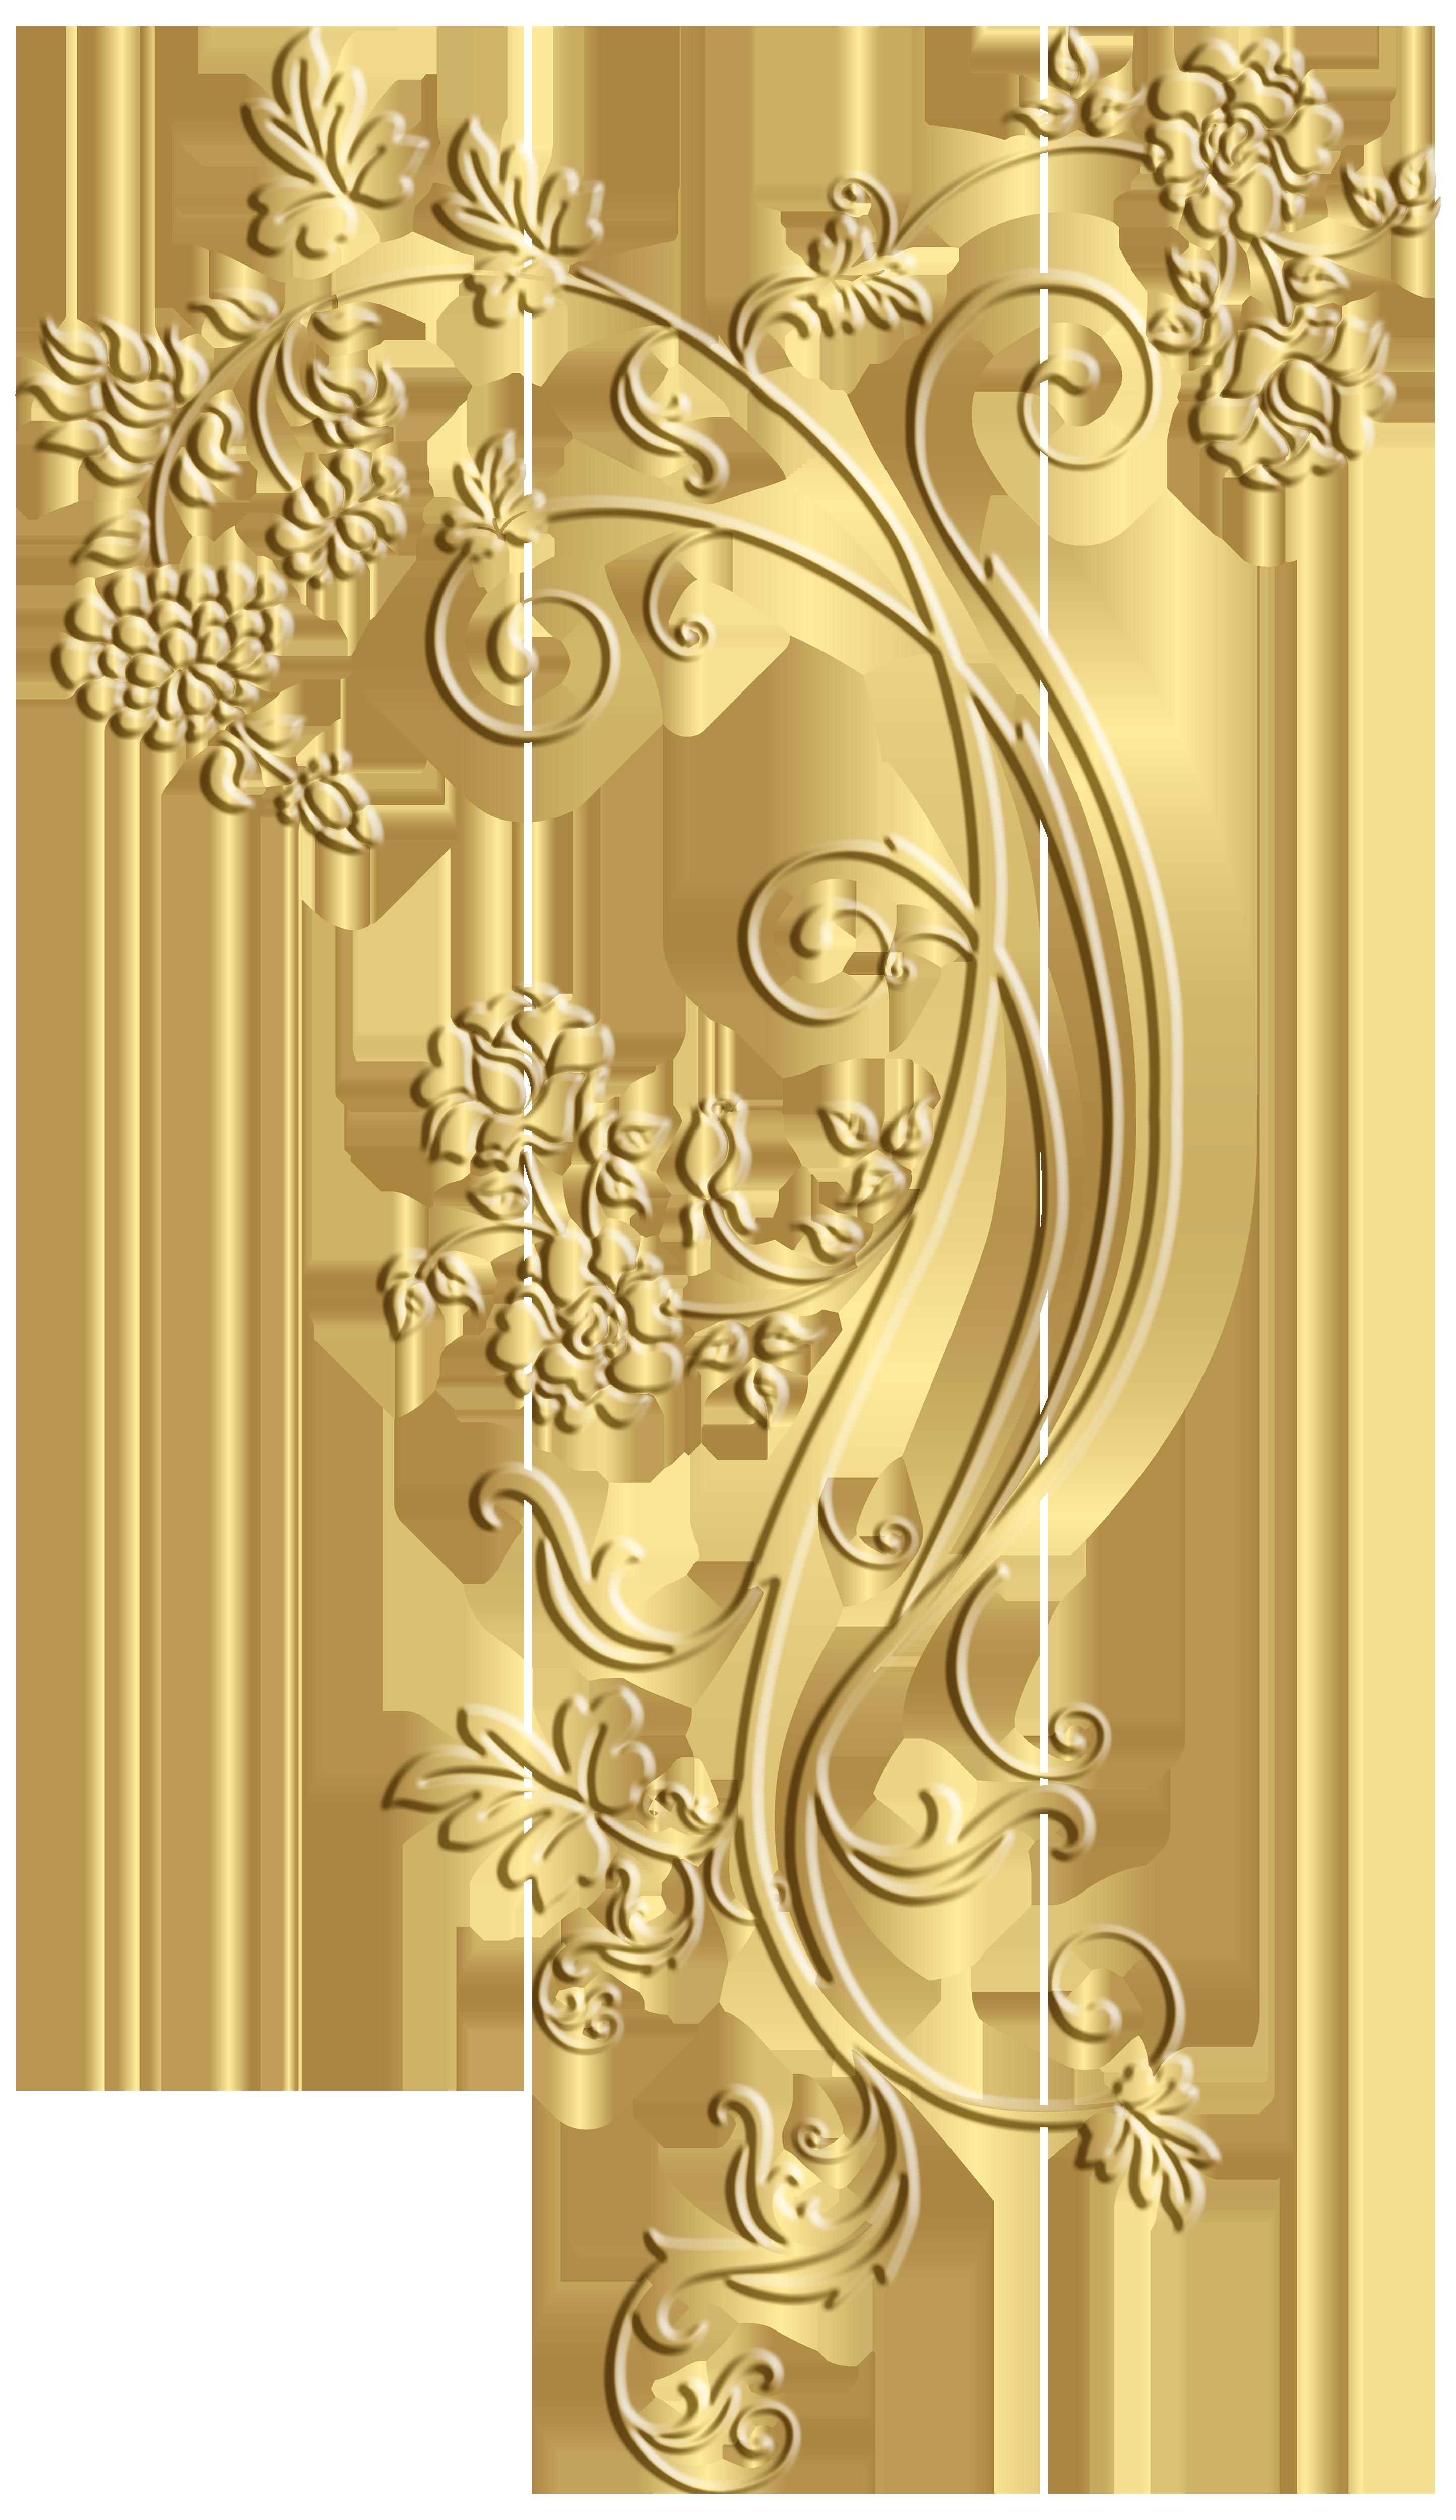 Gold Floral Ornament Frame Clip Art Image.